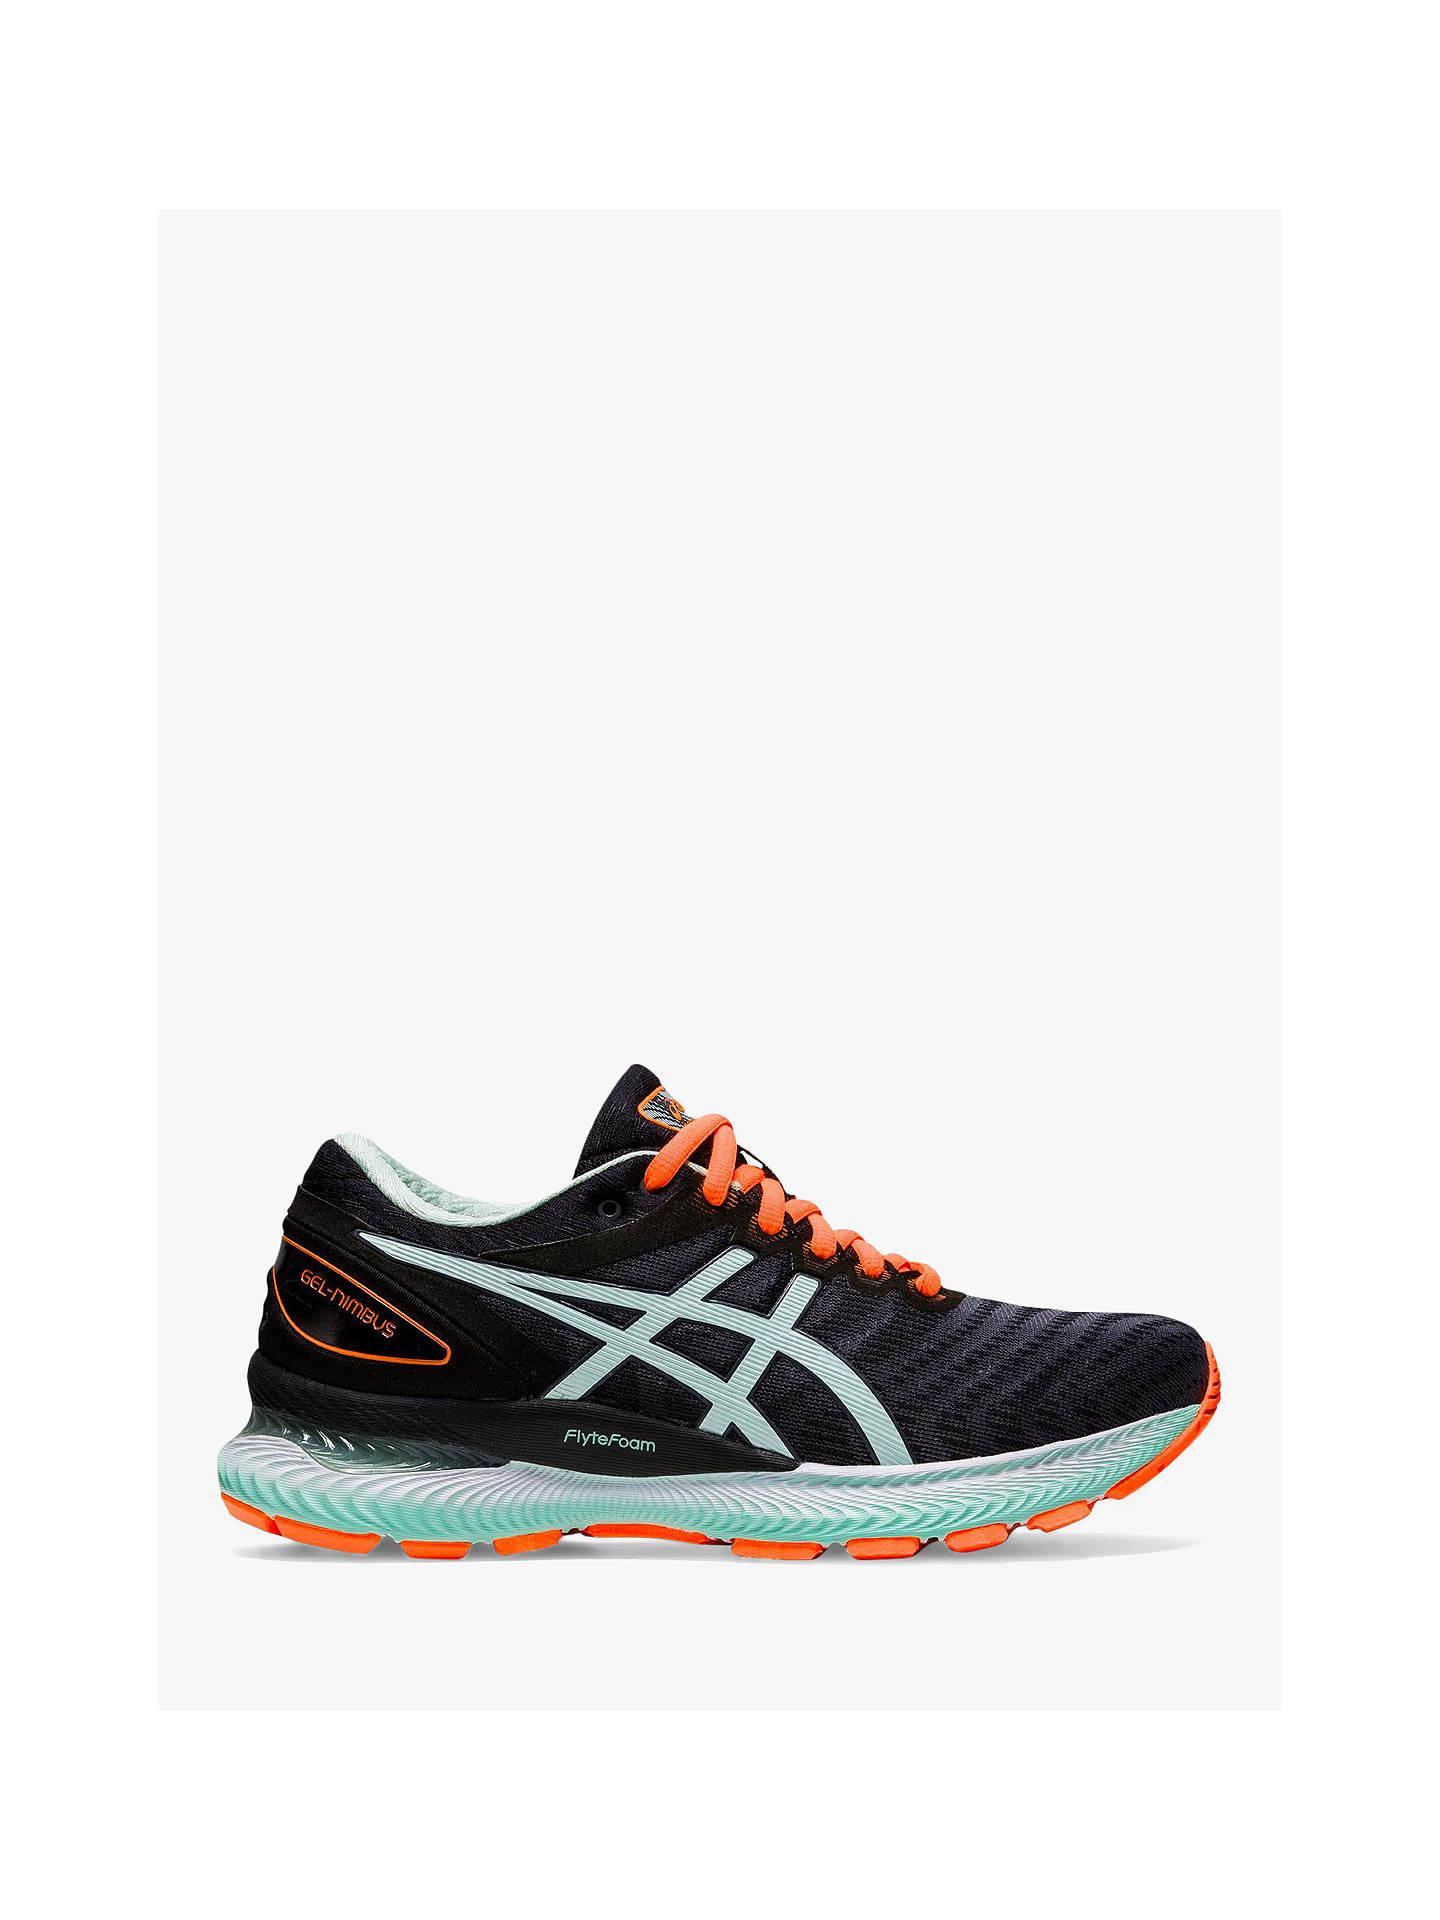 Adepto autómata Física  ASICS GEL-NIMBUS 22 Women's Running Shoes at John Lewis & Partners